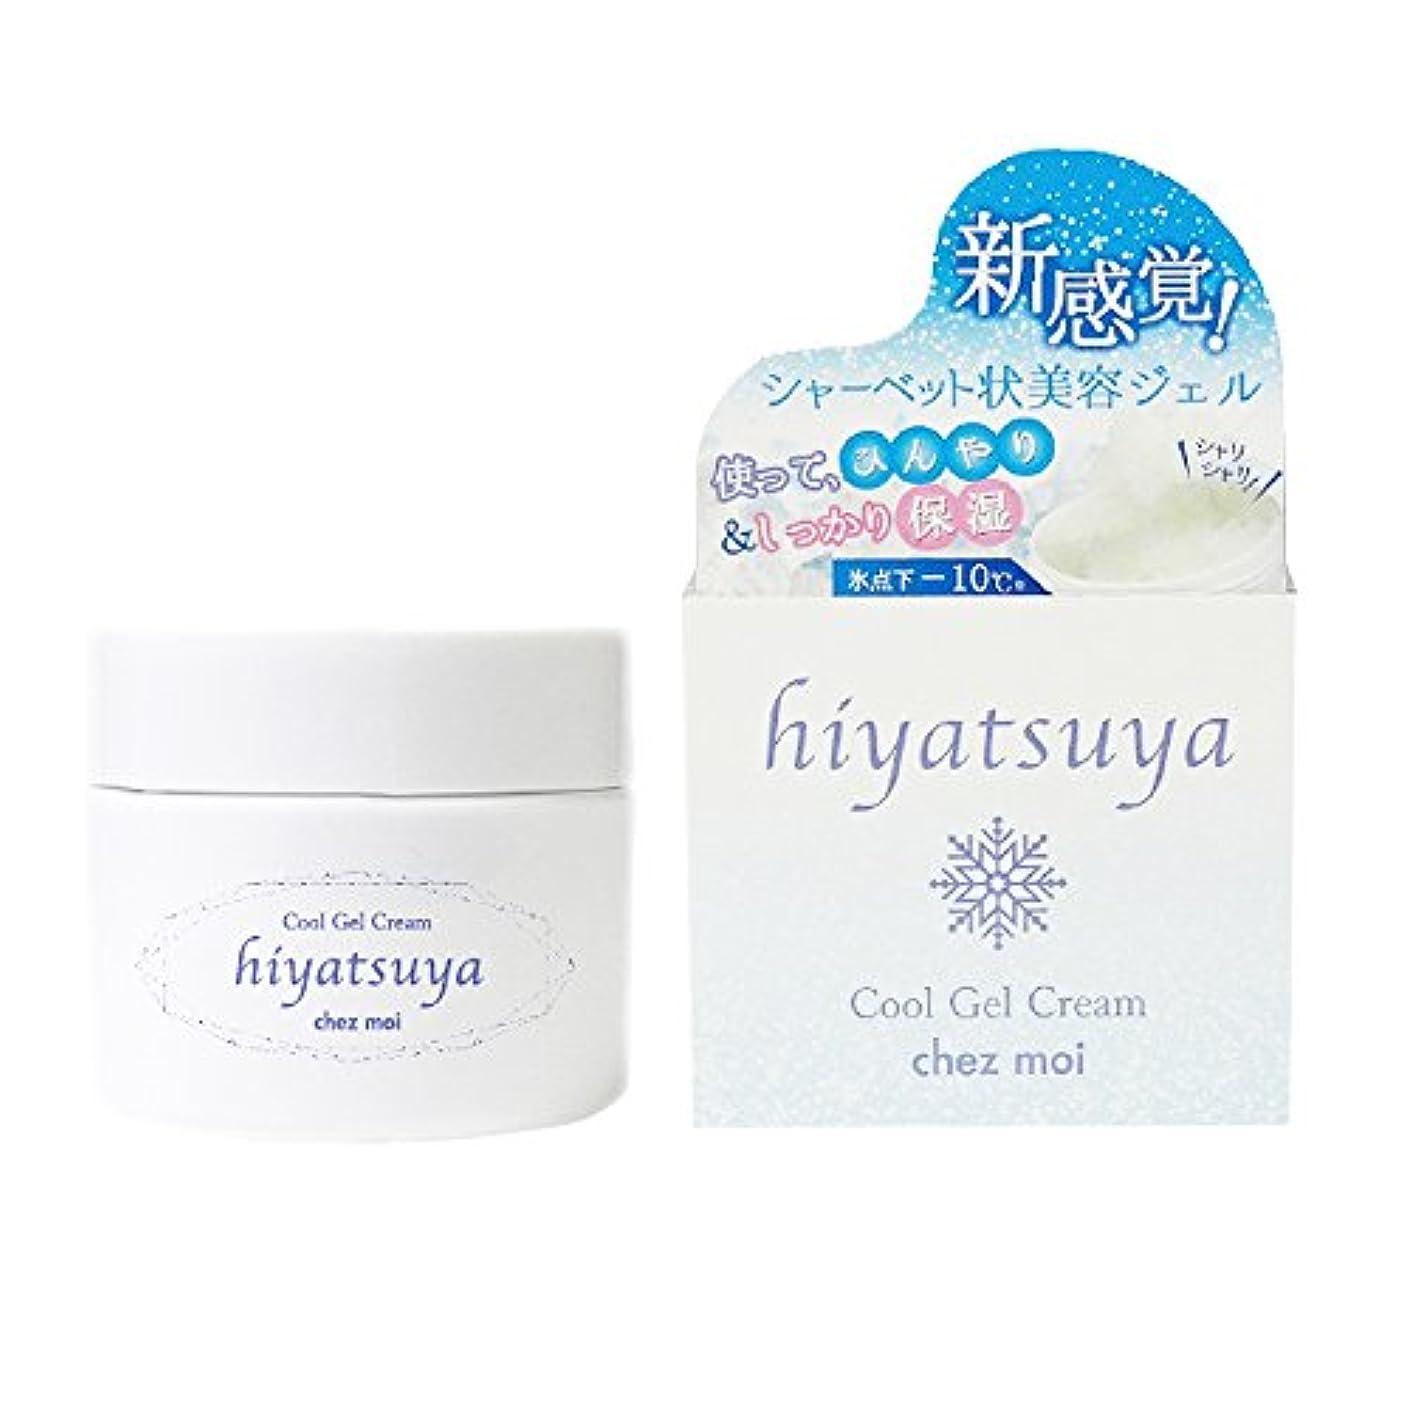 ドール不倫堂々たるシェモア hiyatsuya(ヒヤツヤ) cool gel cream 70g